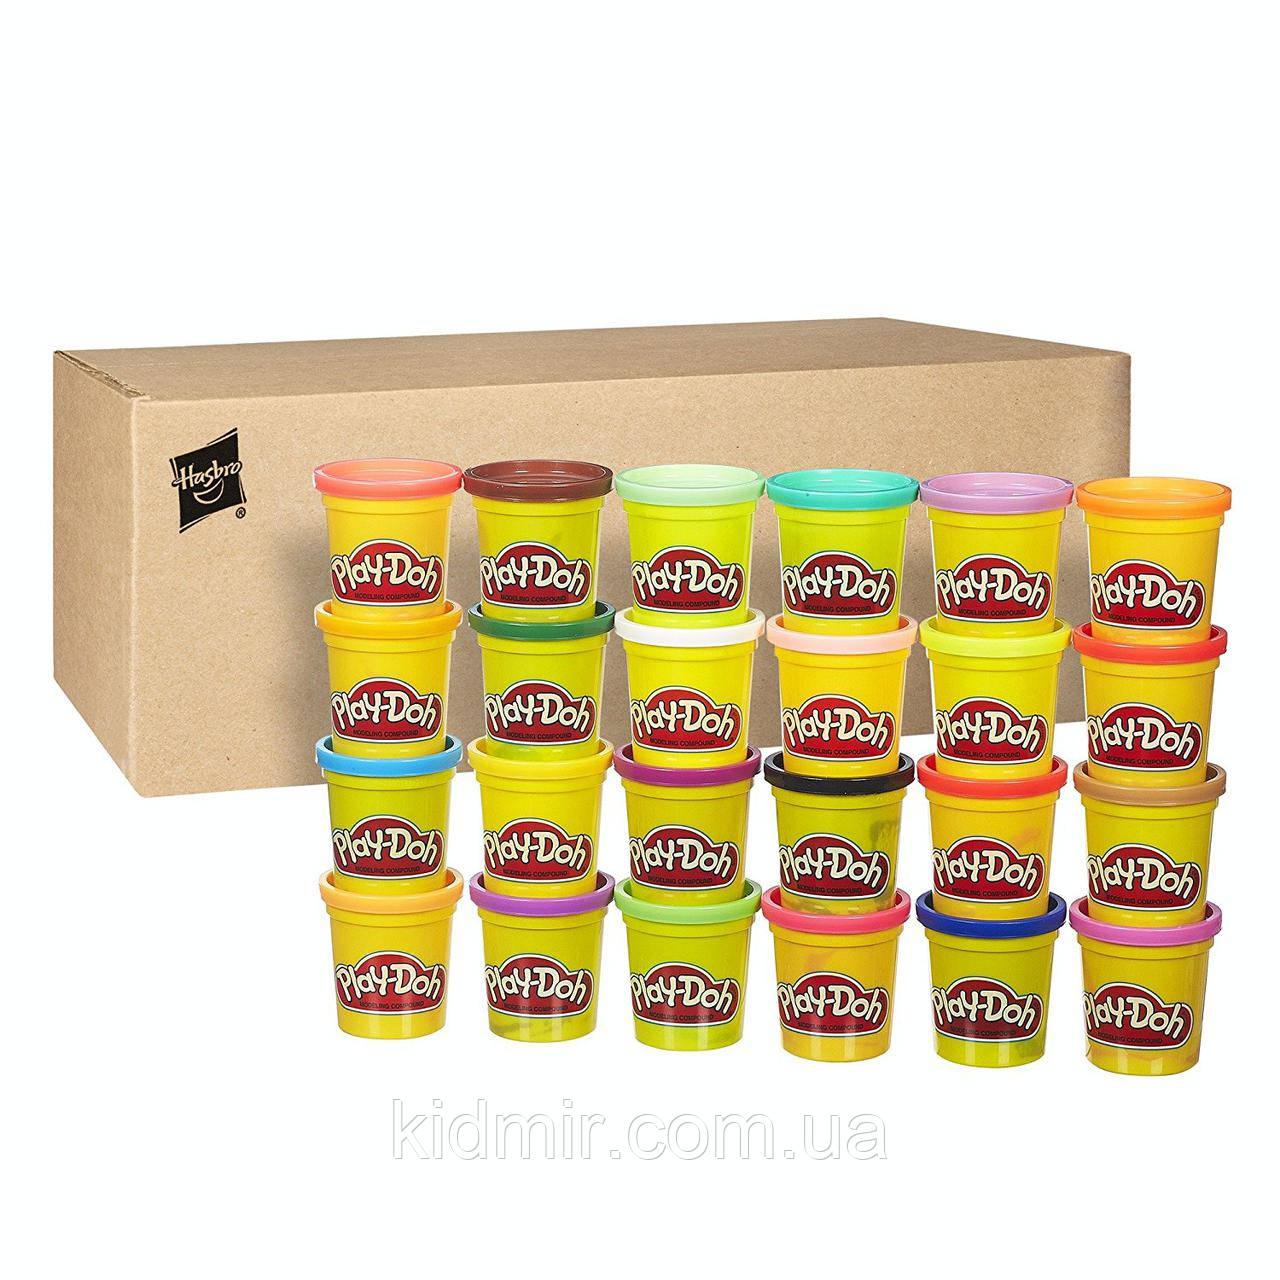 Плей-До набір пластиліну з 24 банок по 86 гр. Play-Doh 24-Pack Set Hasbro